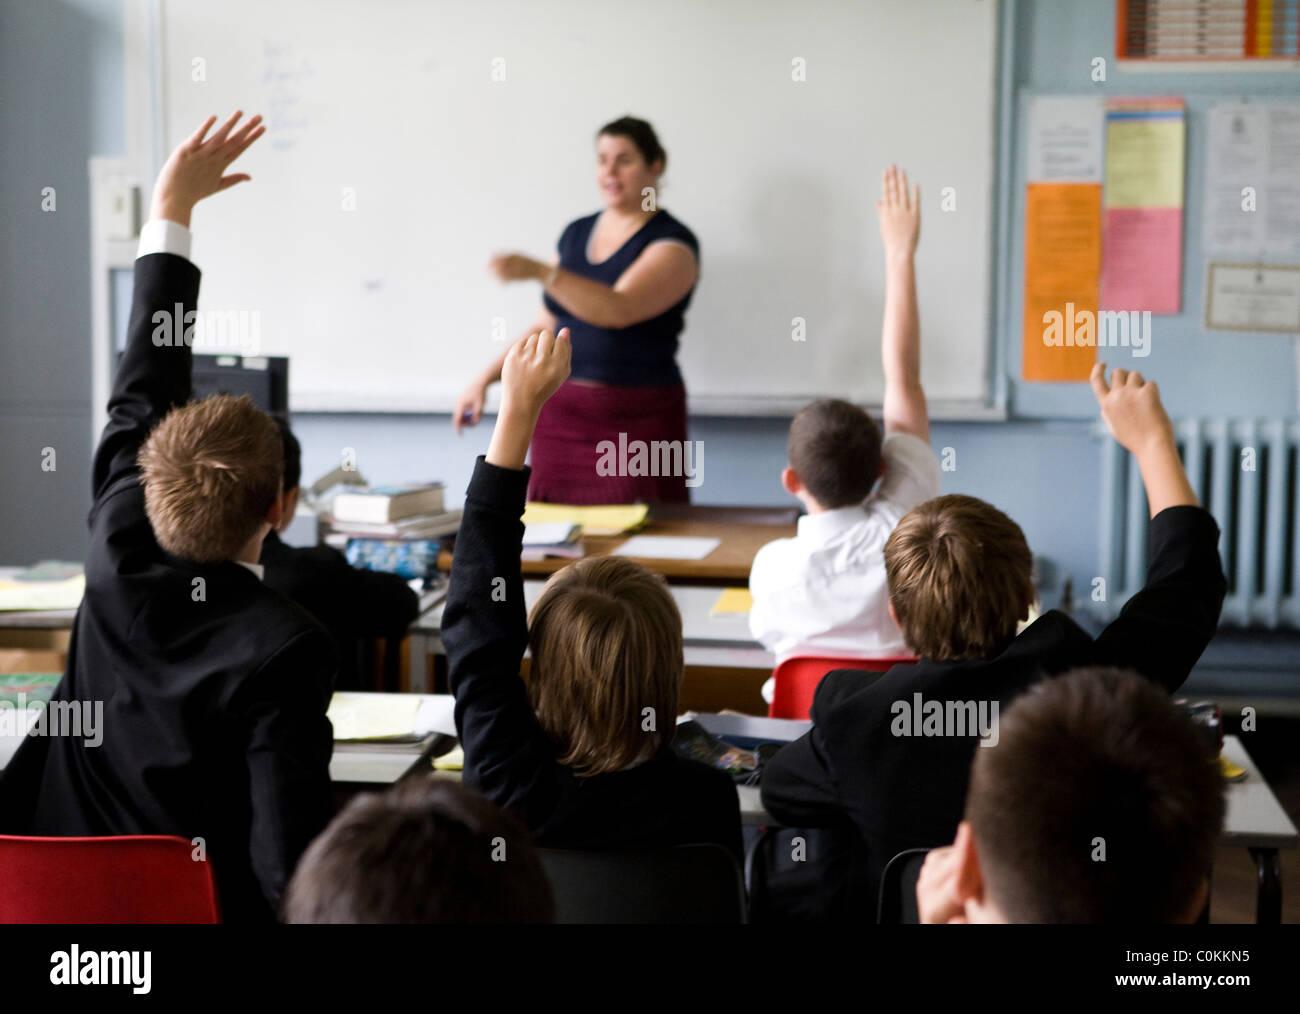 Les élèves mettent leurs mains pour répondre à une des questions à Maidstone Grammar school Photo Stock